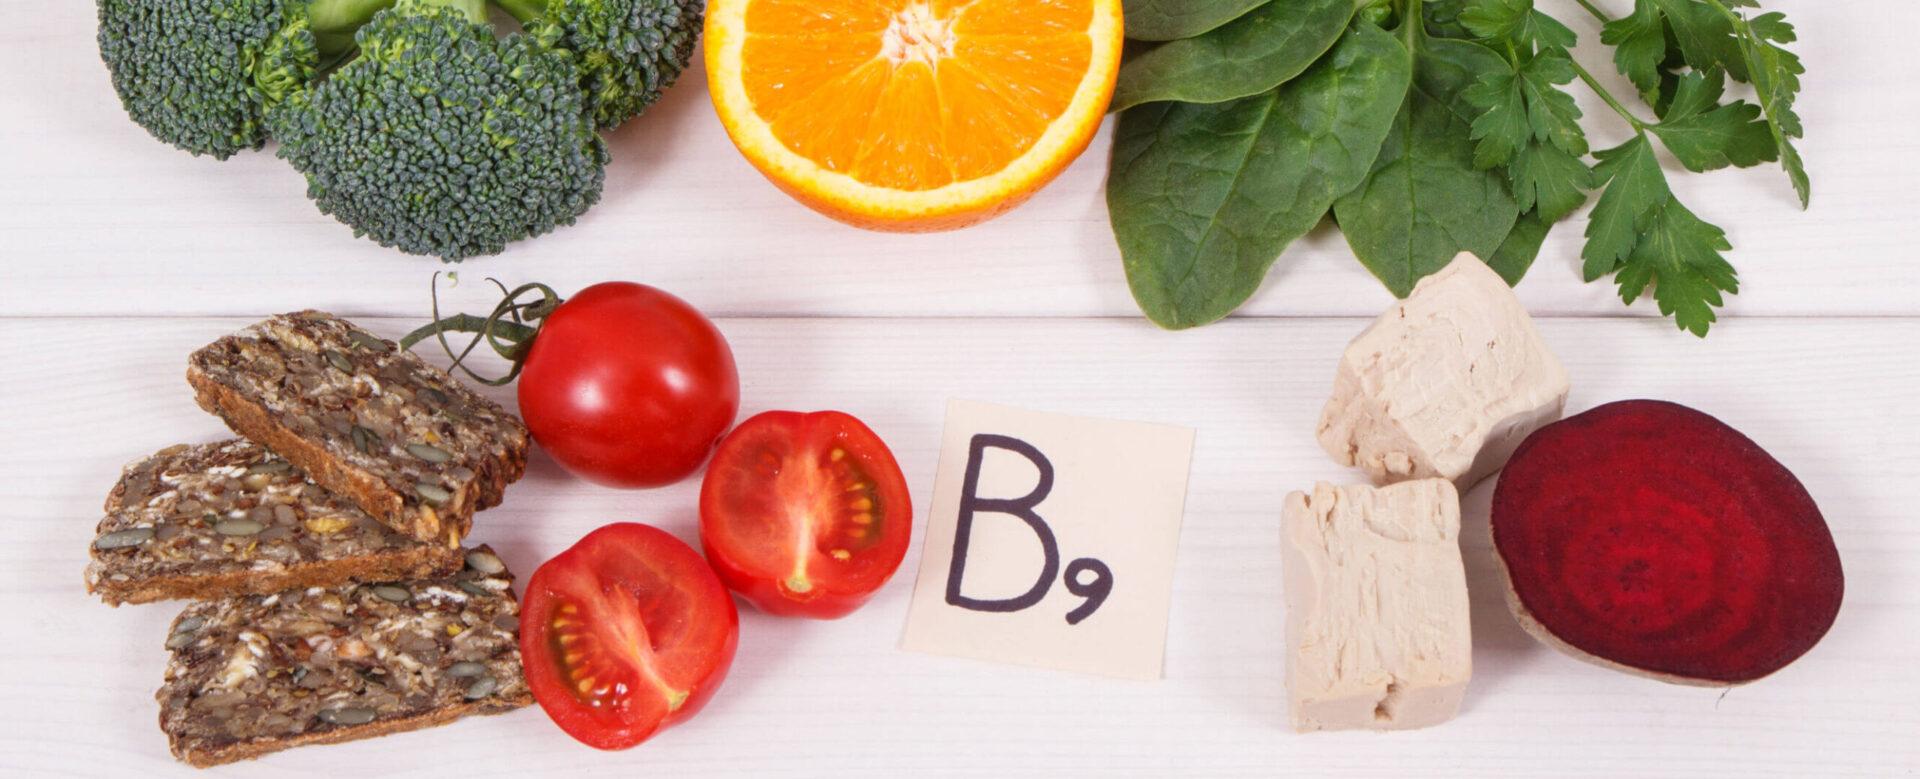 Храни съдържащи фолиева киселина на маса